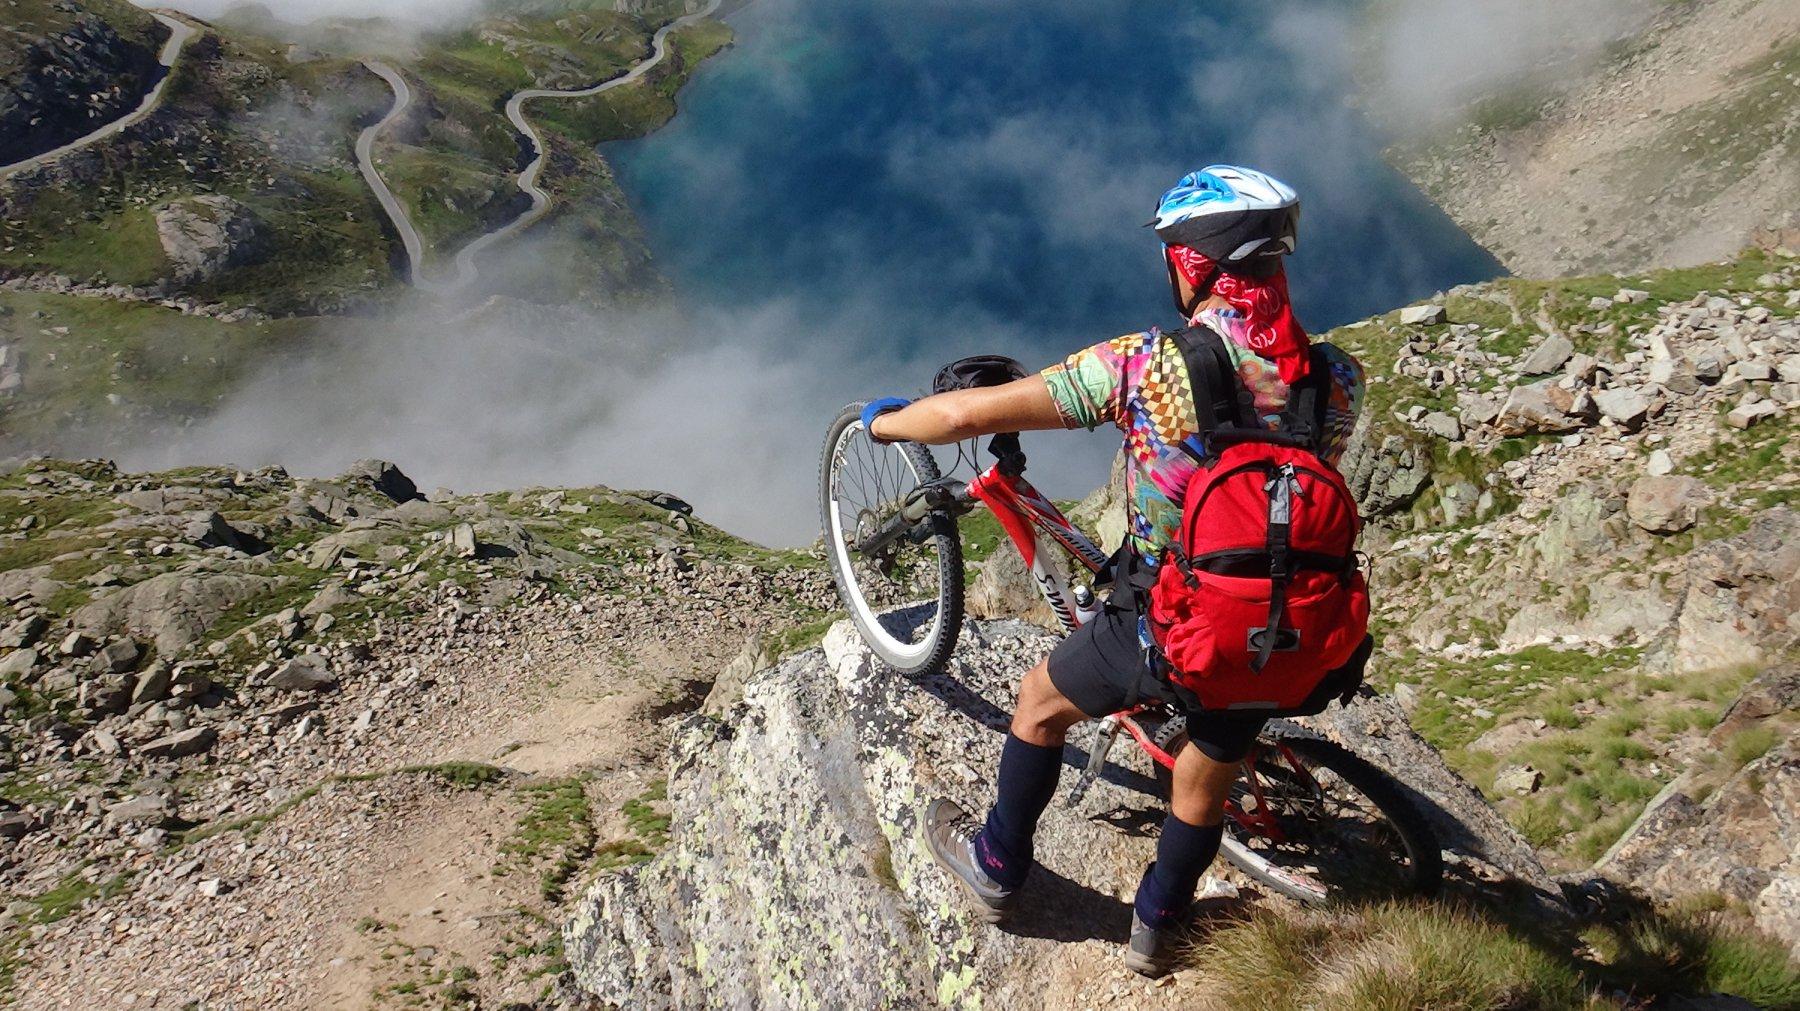 uno sguardo al lago Agnel ed agli spettacolari tornanti del Colle del Nivolet versante Piemontese